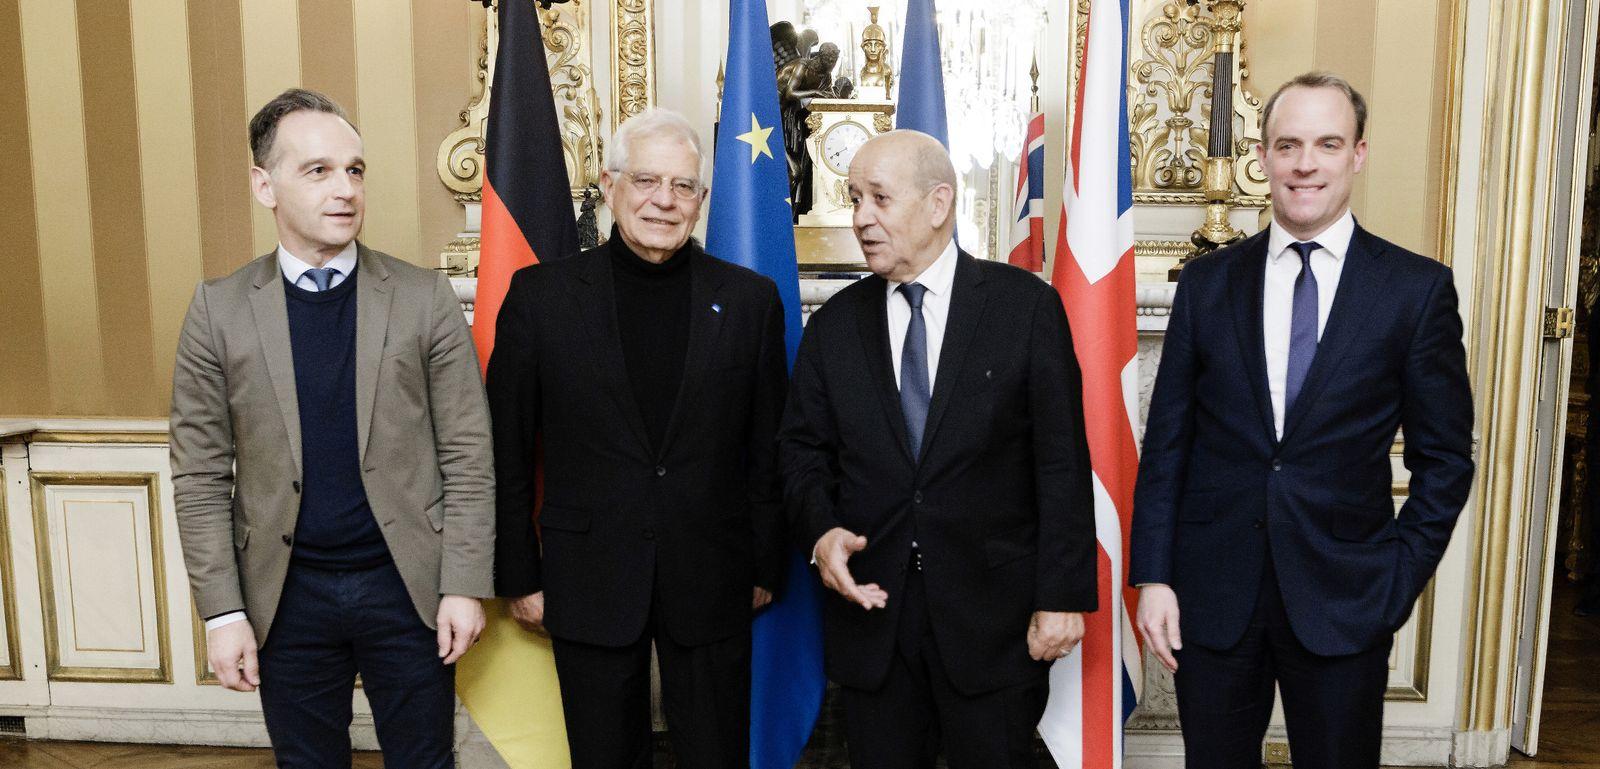 Bundesaussenminister Heiko Maas (L), SPD, im Rahmen eines Treffens mit dem Aussenminister der Franzoesischen Republik, J